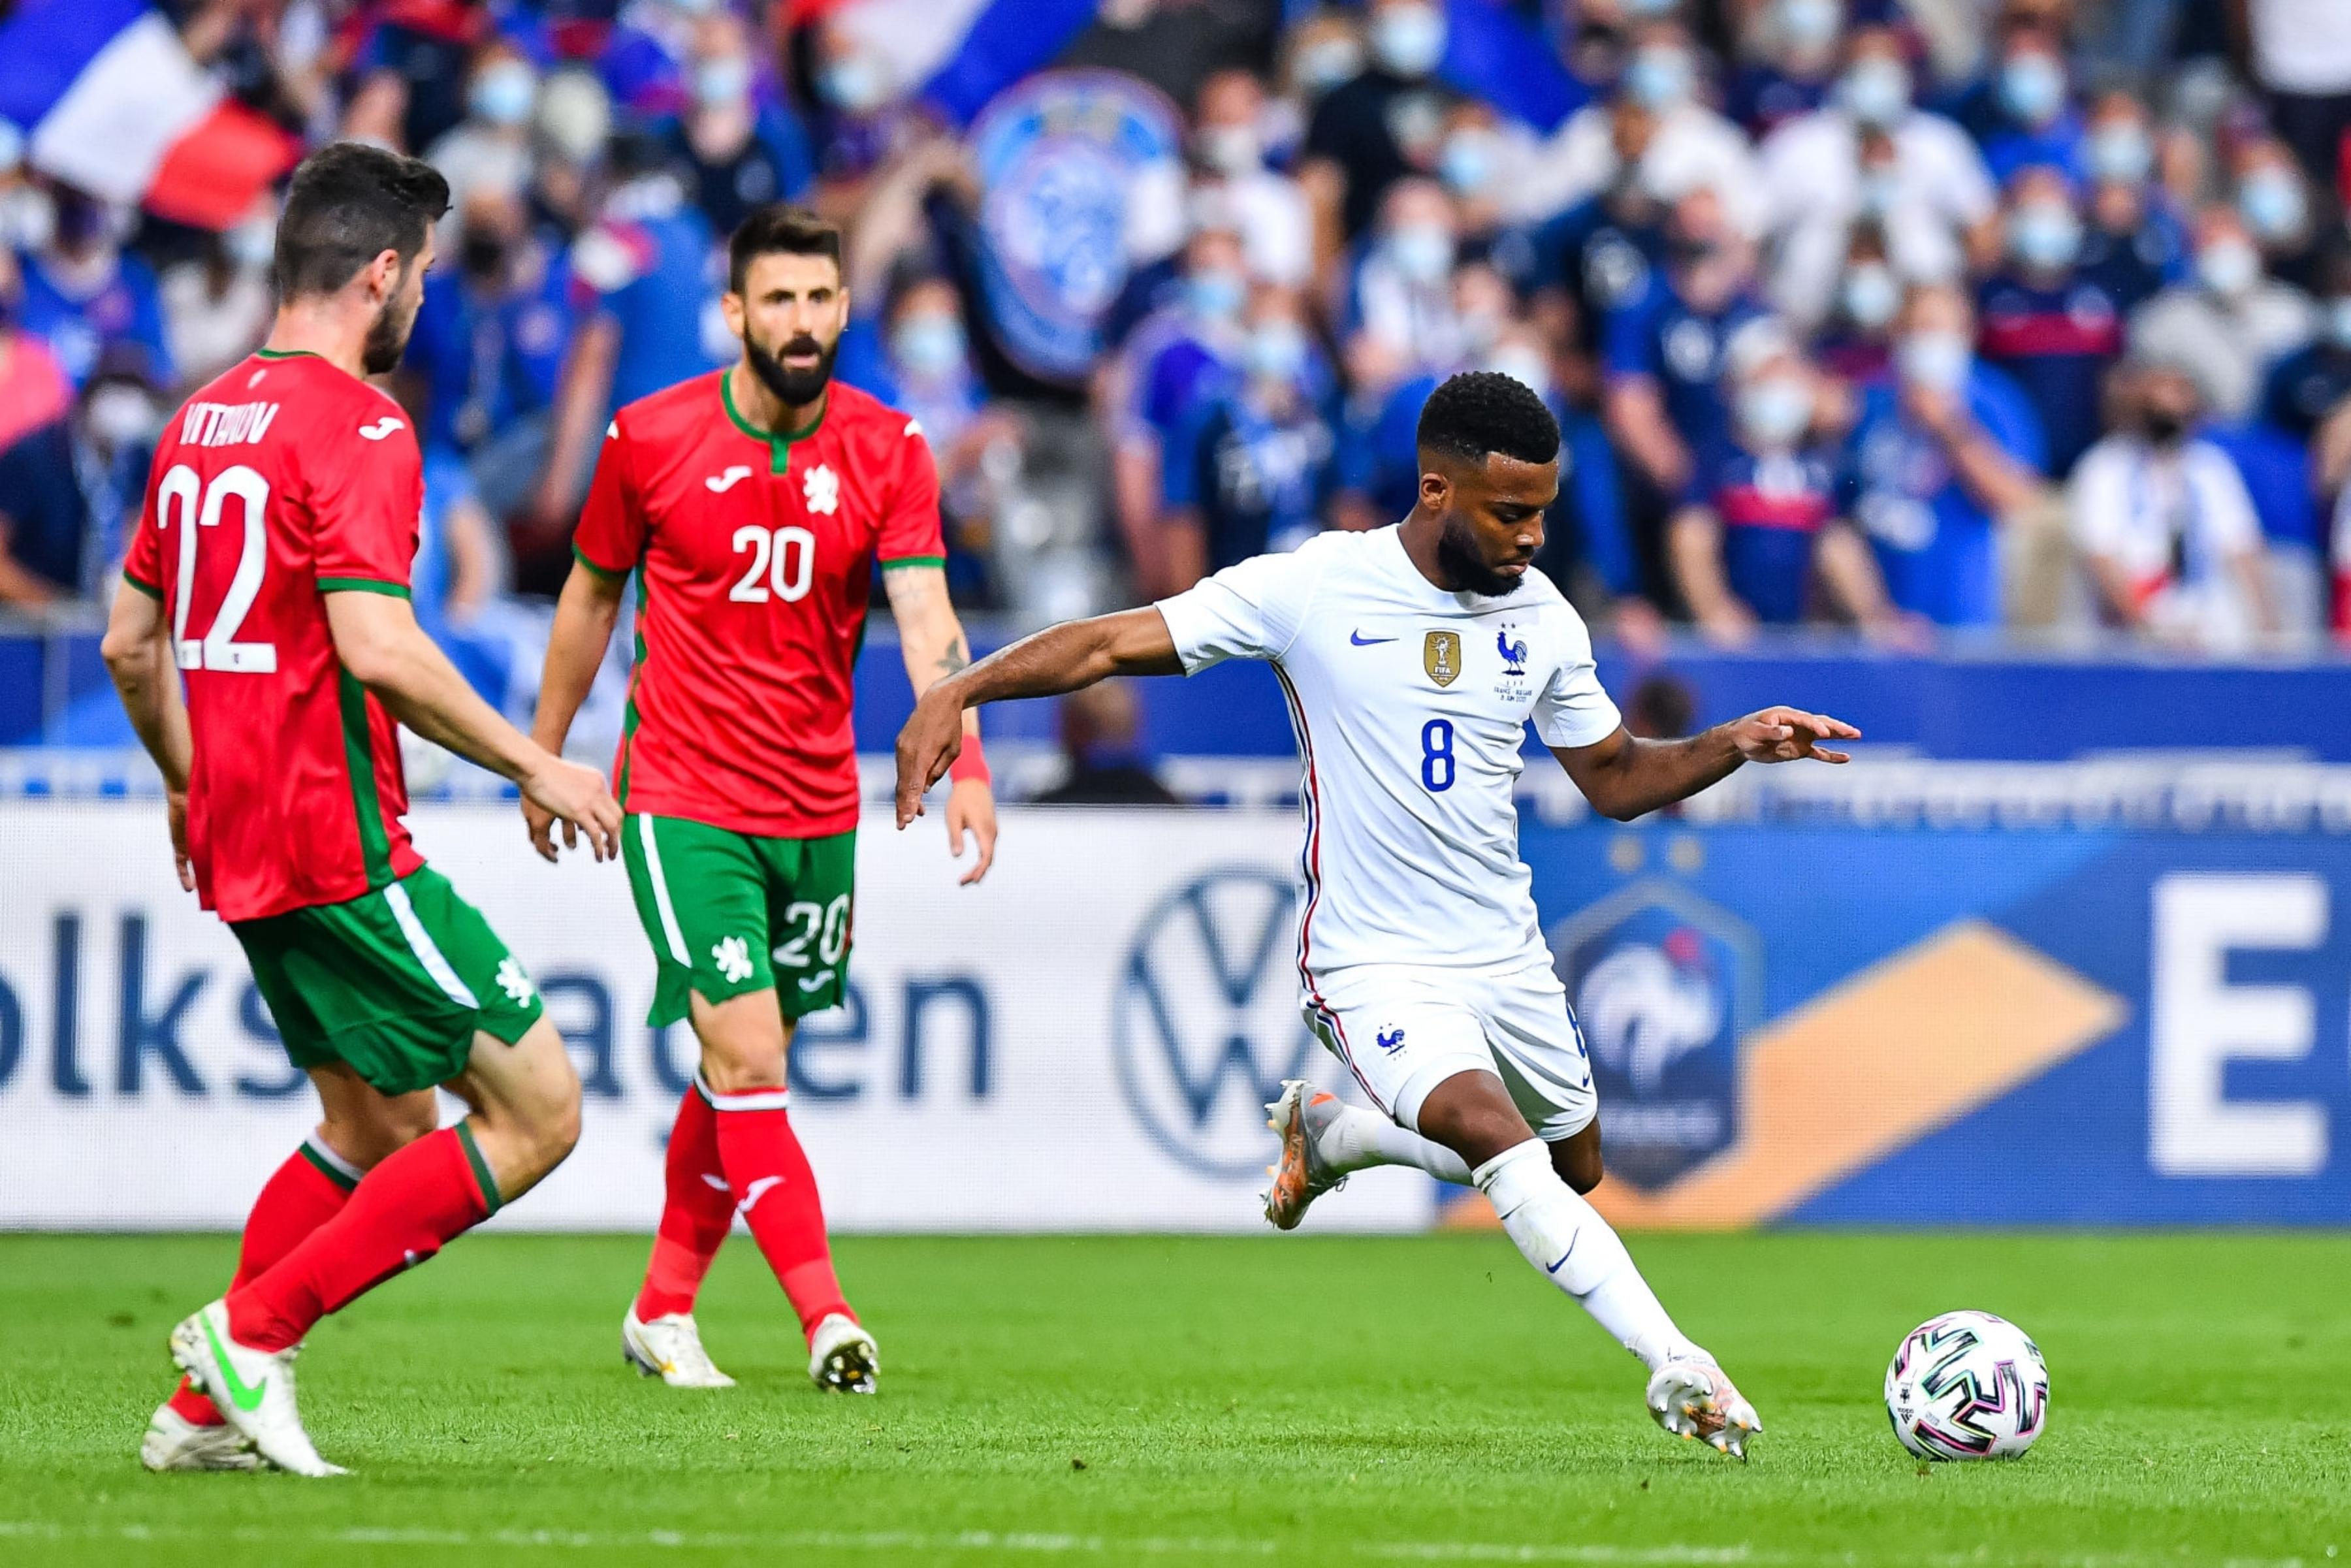 توماس ليمار خلال المباراة